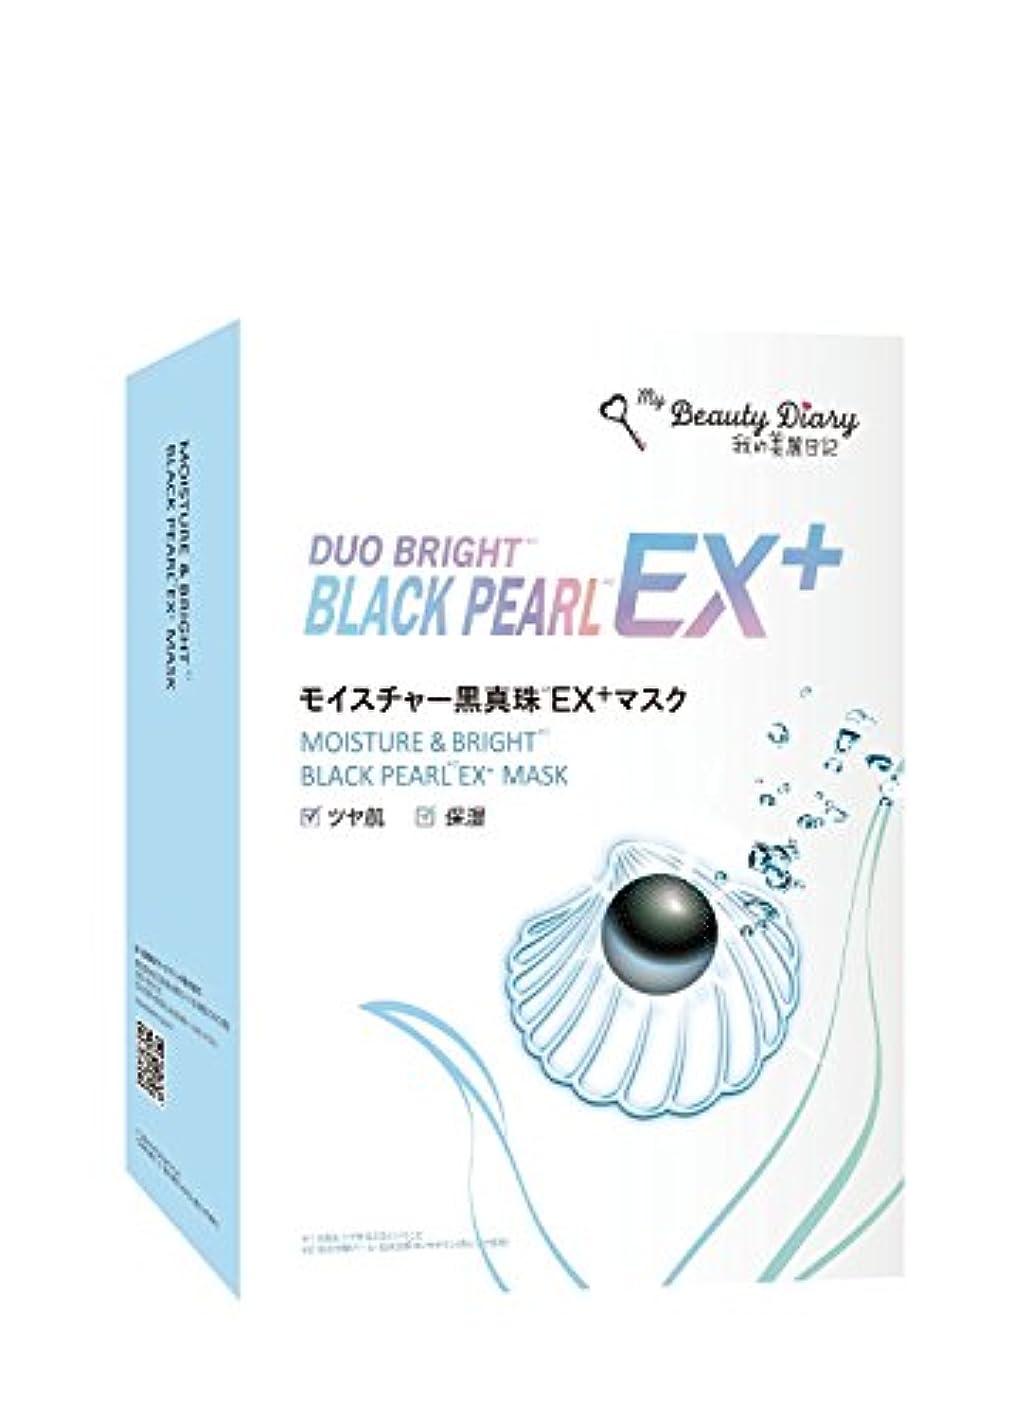 植生事原始的な我的美麗日記-私のきれい日記- モイスチャー黒真珠EX+マスク 6枚入